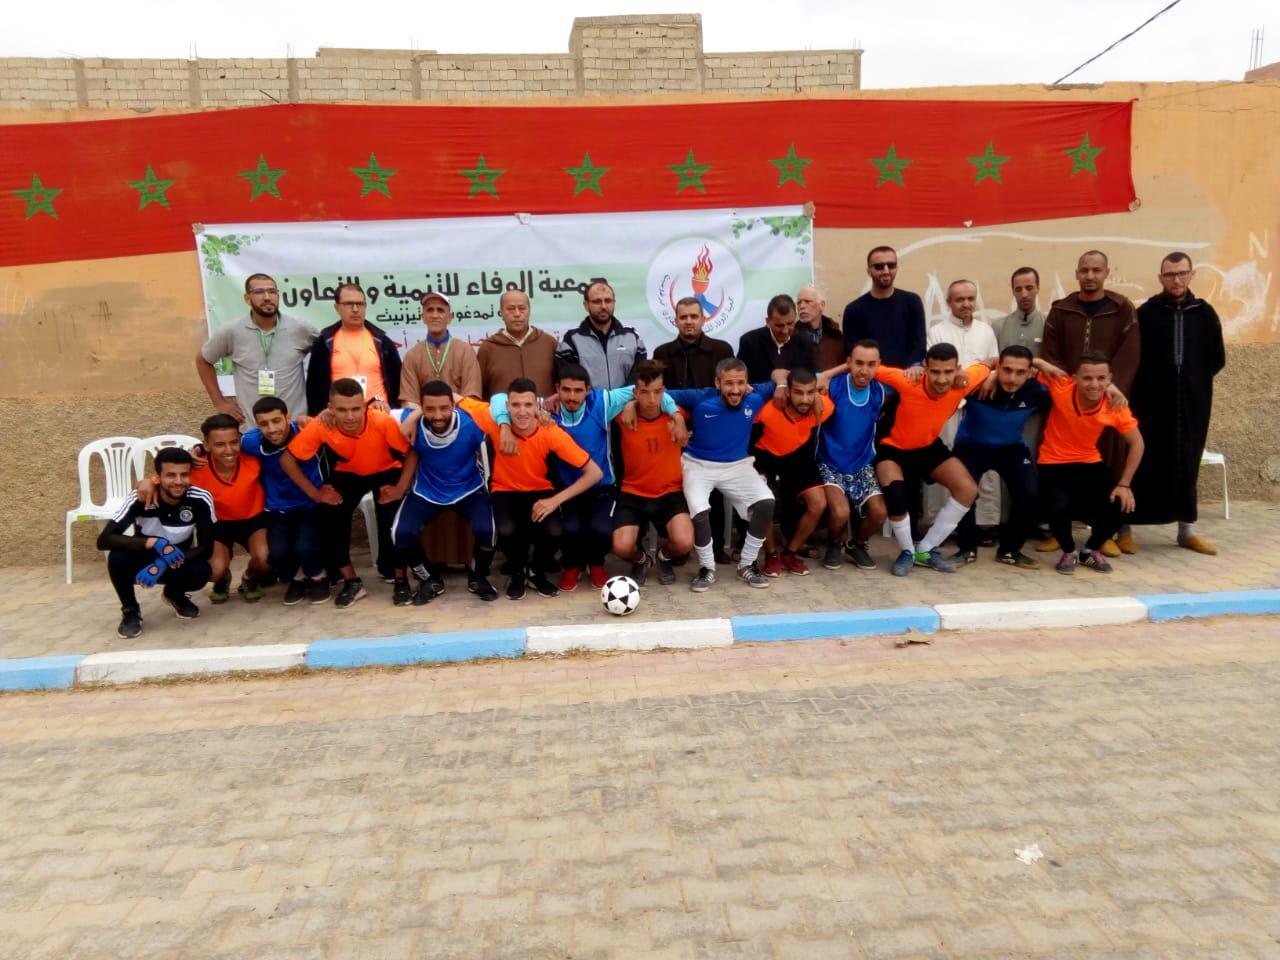 تيزنيت : اعطاء انطلاقة النسخة الرابعة لدوري رمضان لكرة القدم المصغرة بتمدغوست